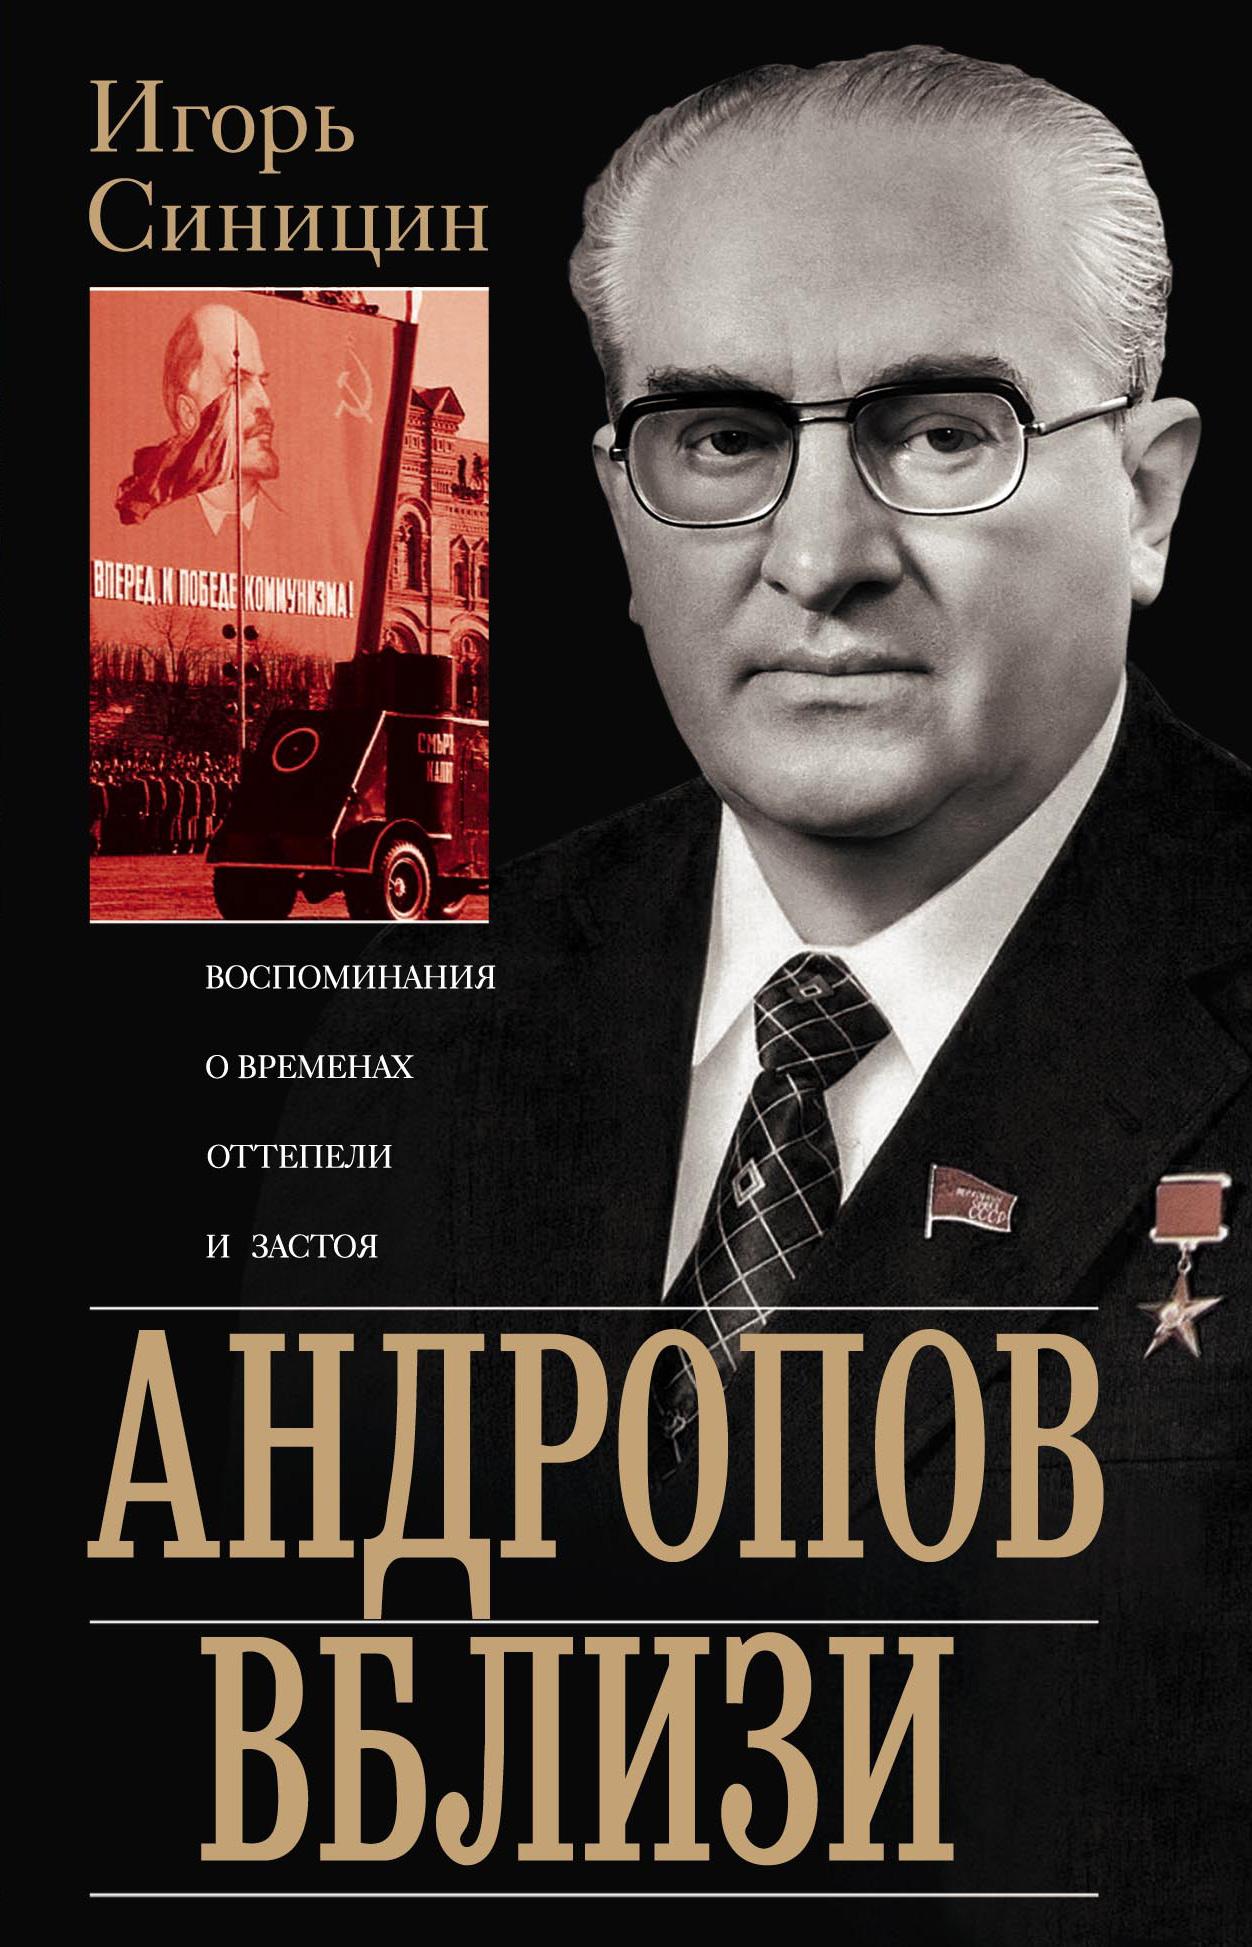 Игорь Синицин «Андропов вблизи. Воспоминания о временах оттепели и застоя»